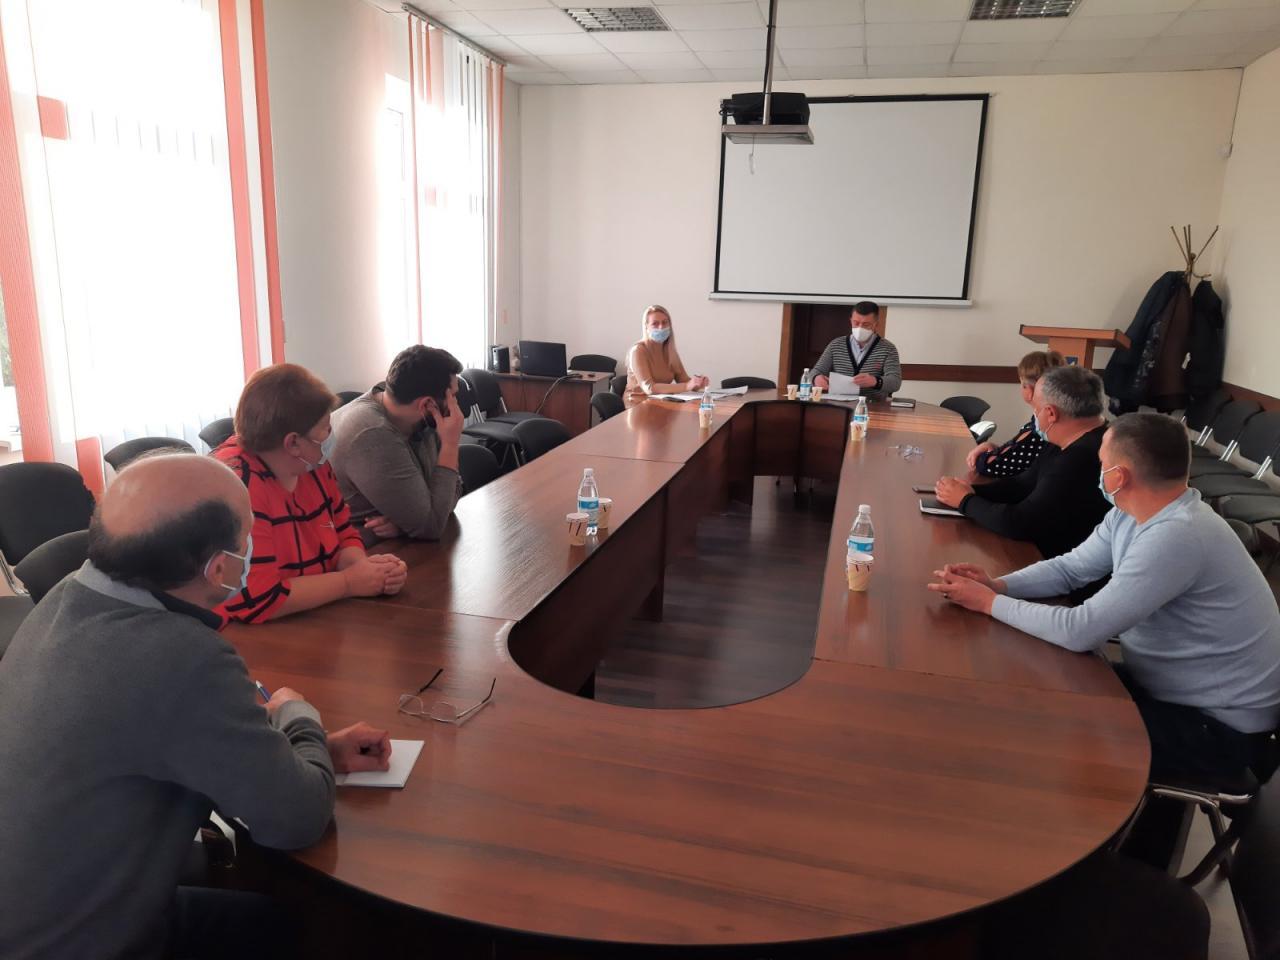 http://dunrada.gov.ua/uploadfile/archive_news/2020/11/25/2020-11-25_1352/images/images-31074.jpg